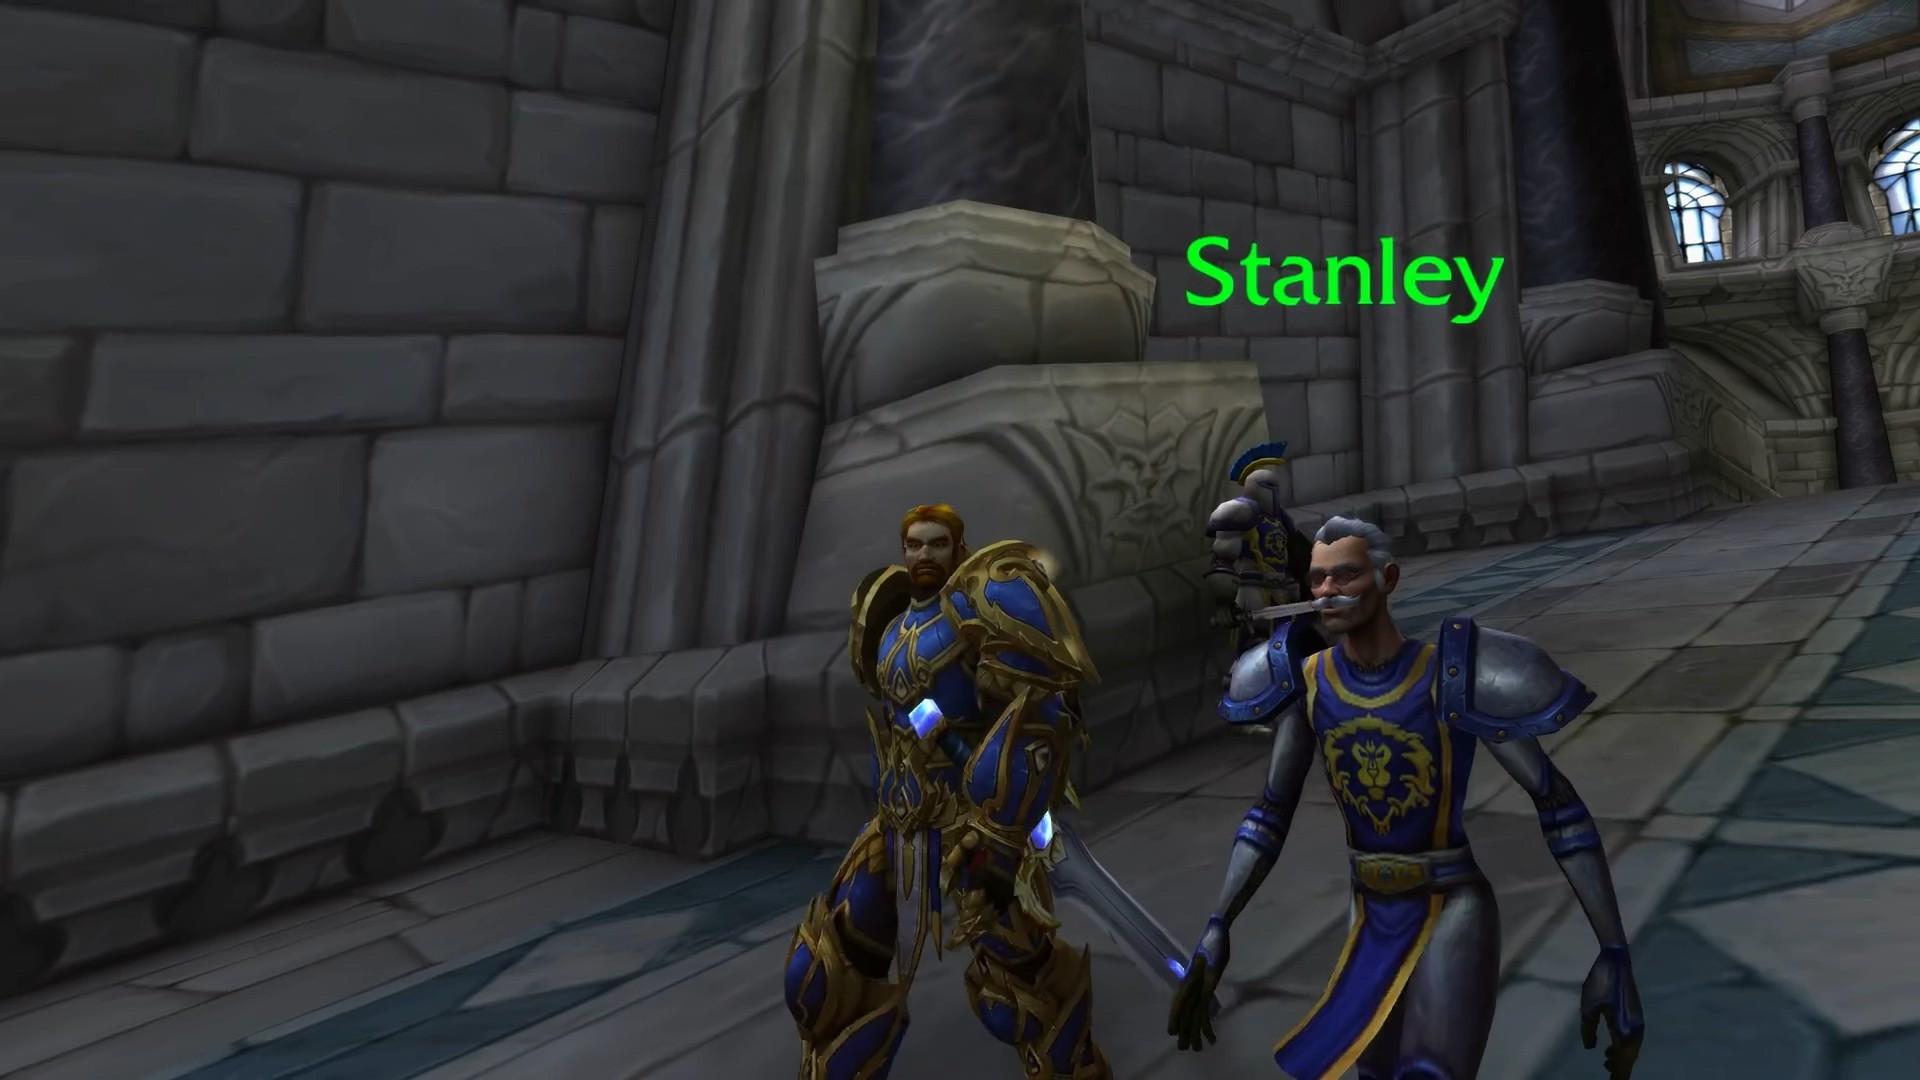 《魔兽世界》暴风城出现斯坦李 老爷子化身NPC巡视主城